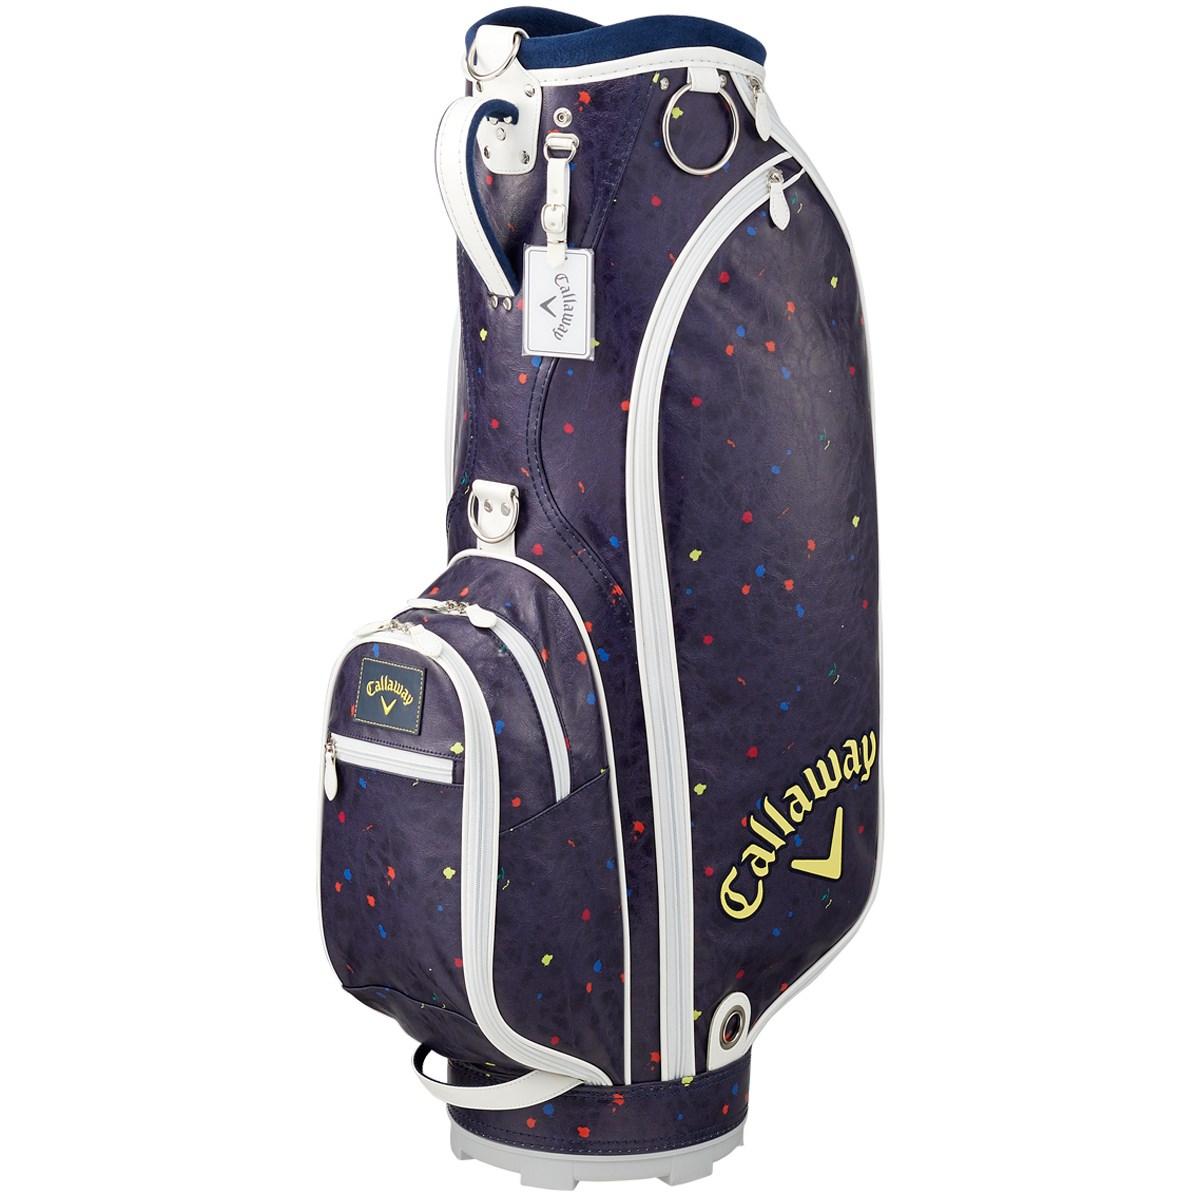 キャロウェイゴルフ(Callaway Golf) BG CRT STYLE SP キャディバッグレディス